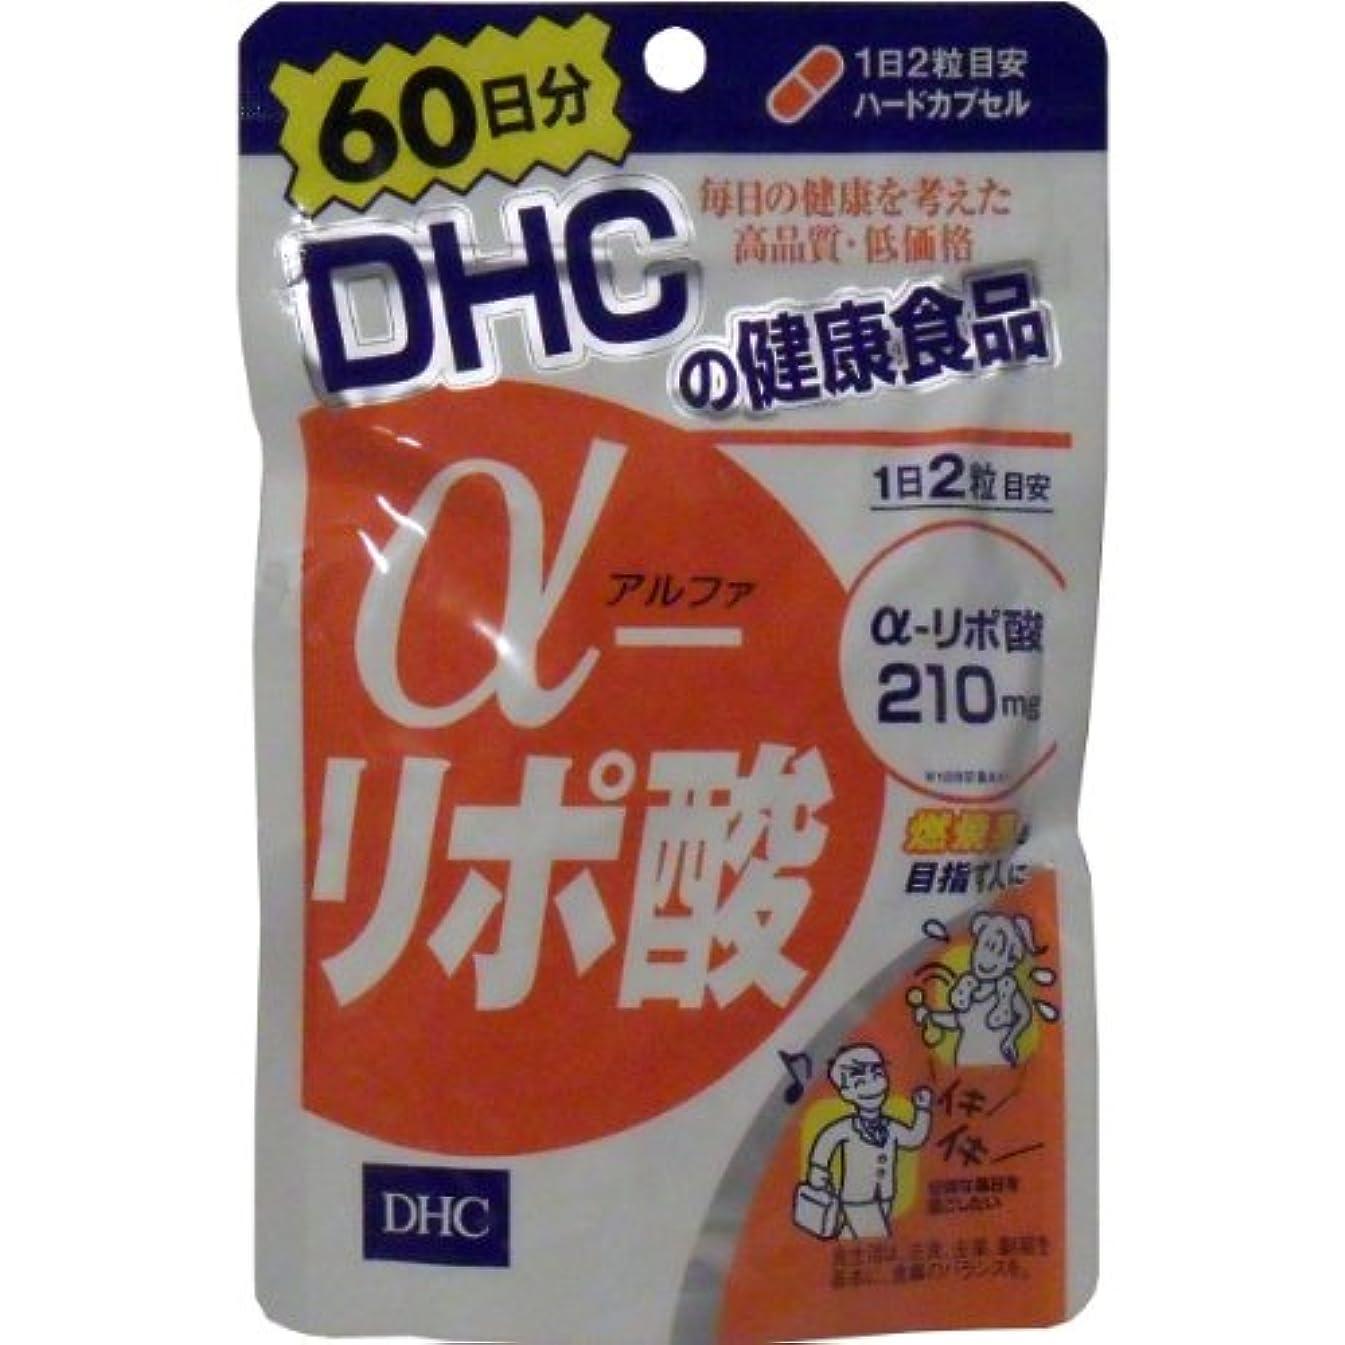 ポスター複雑君主制α-リポ酸は、もともと体内にあるエネルギー活性成分。サプリメントでの効率的な補給がおすすめ!DHC120粒 60日分 【2個セット】